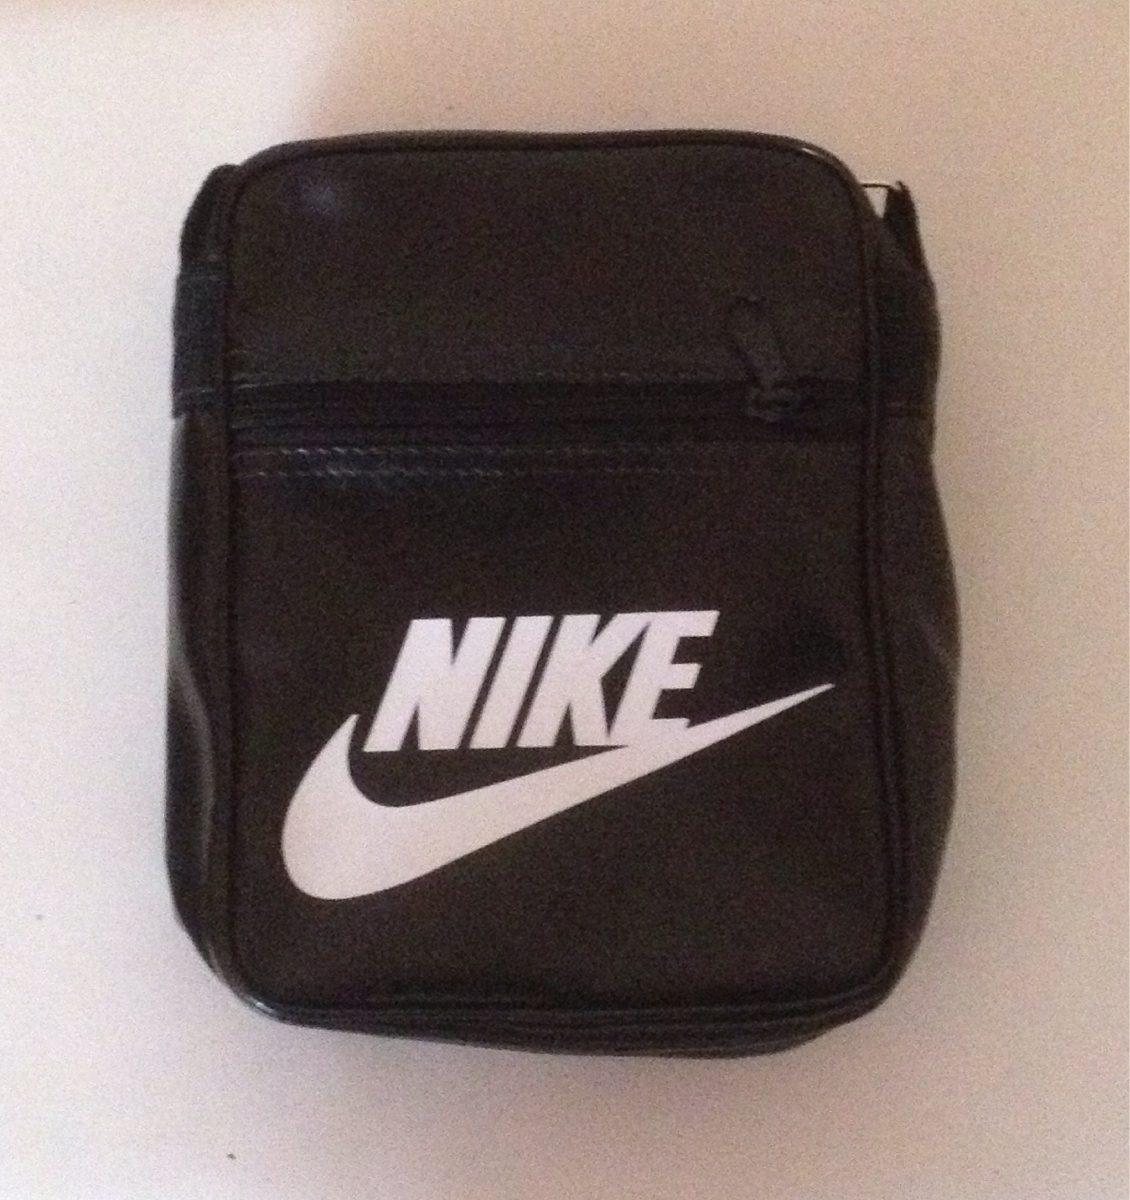 df6953c99 Bolsa Carteiro Nike Small. Pronta Entrega. - R$ 79,99 em Mercado Livre